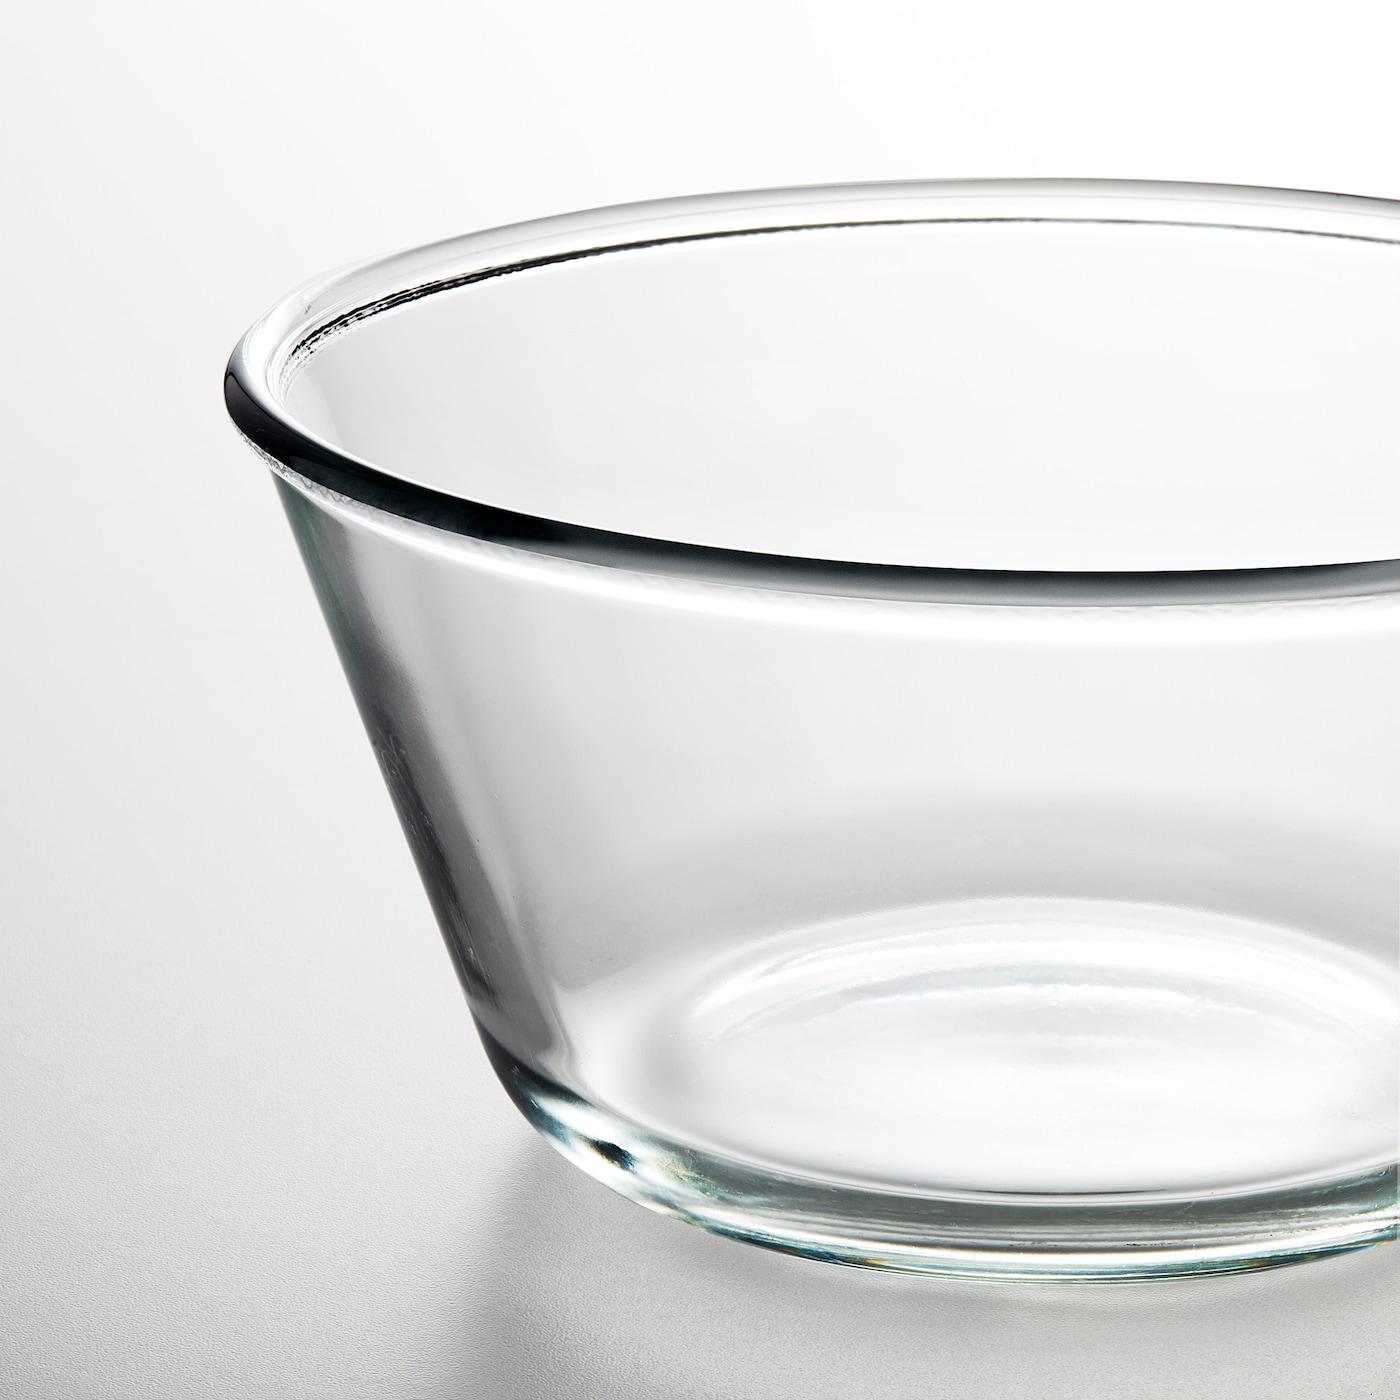 VARDAGEN Bol, sticlă transparentă, 20 cm